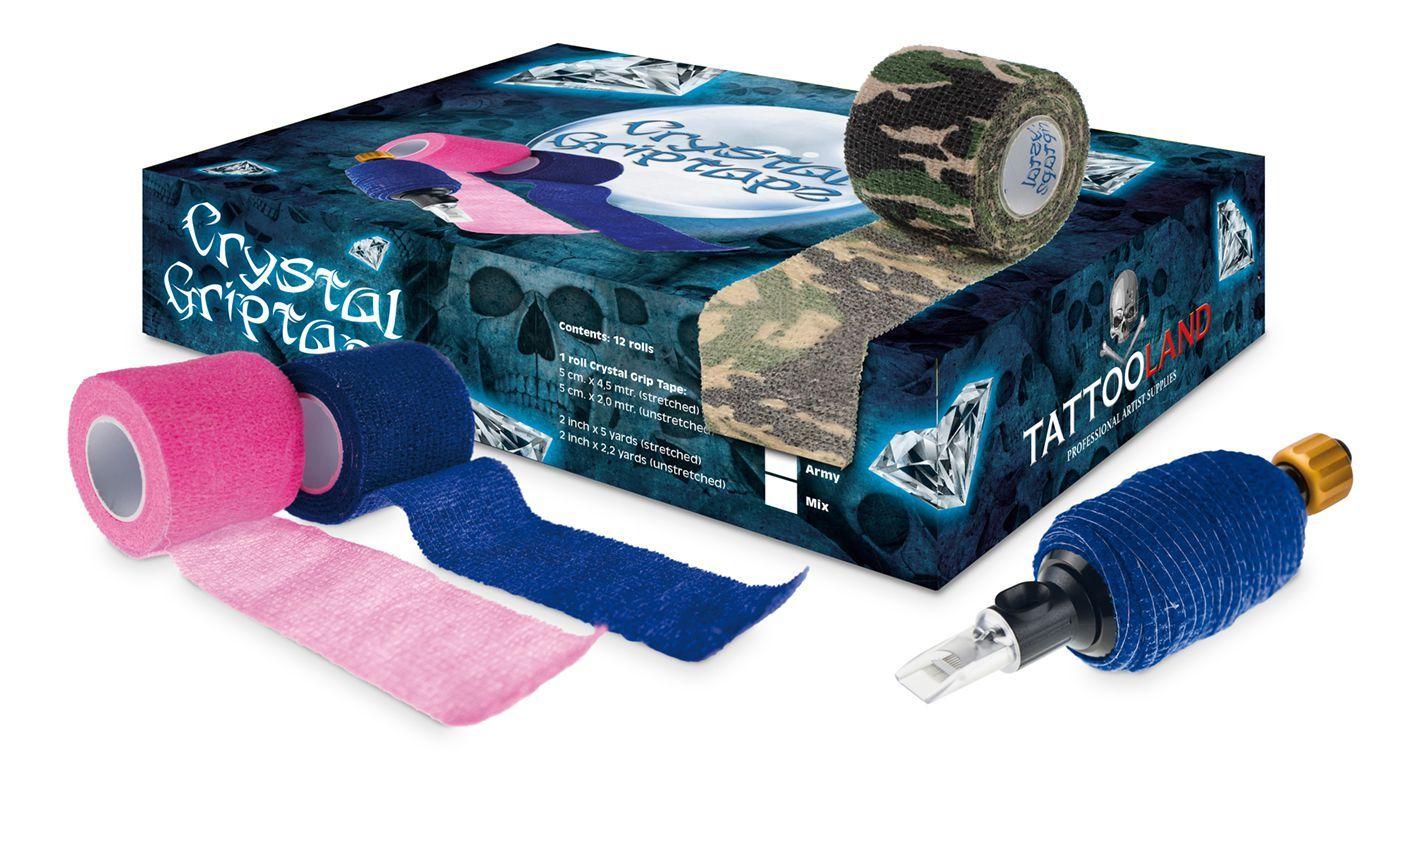 Crystal Grip Covers, Sleeves & Tape